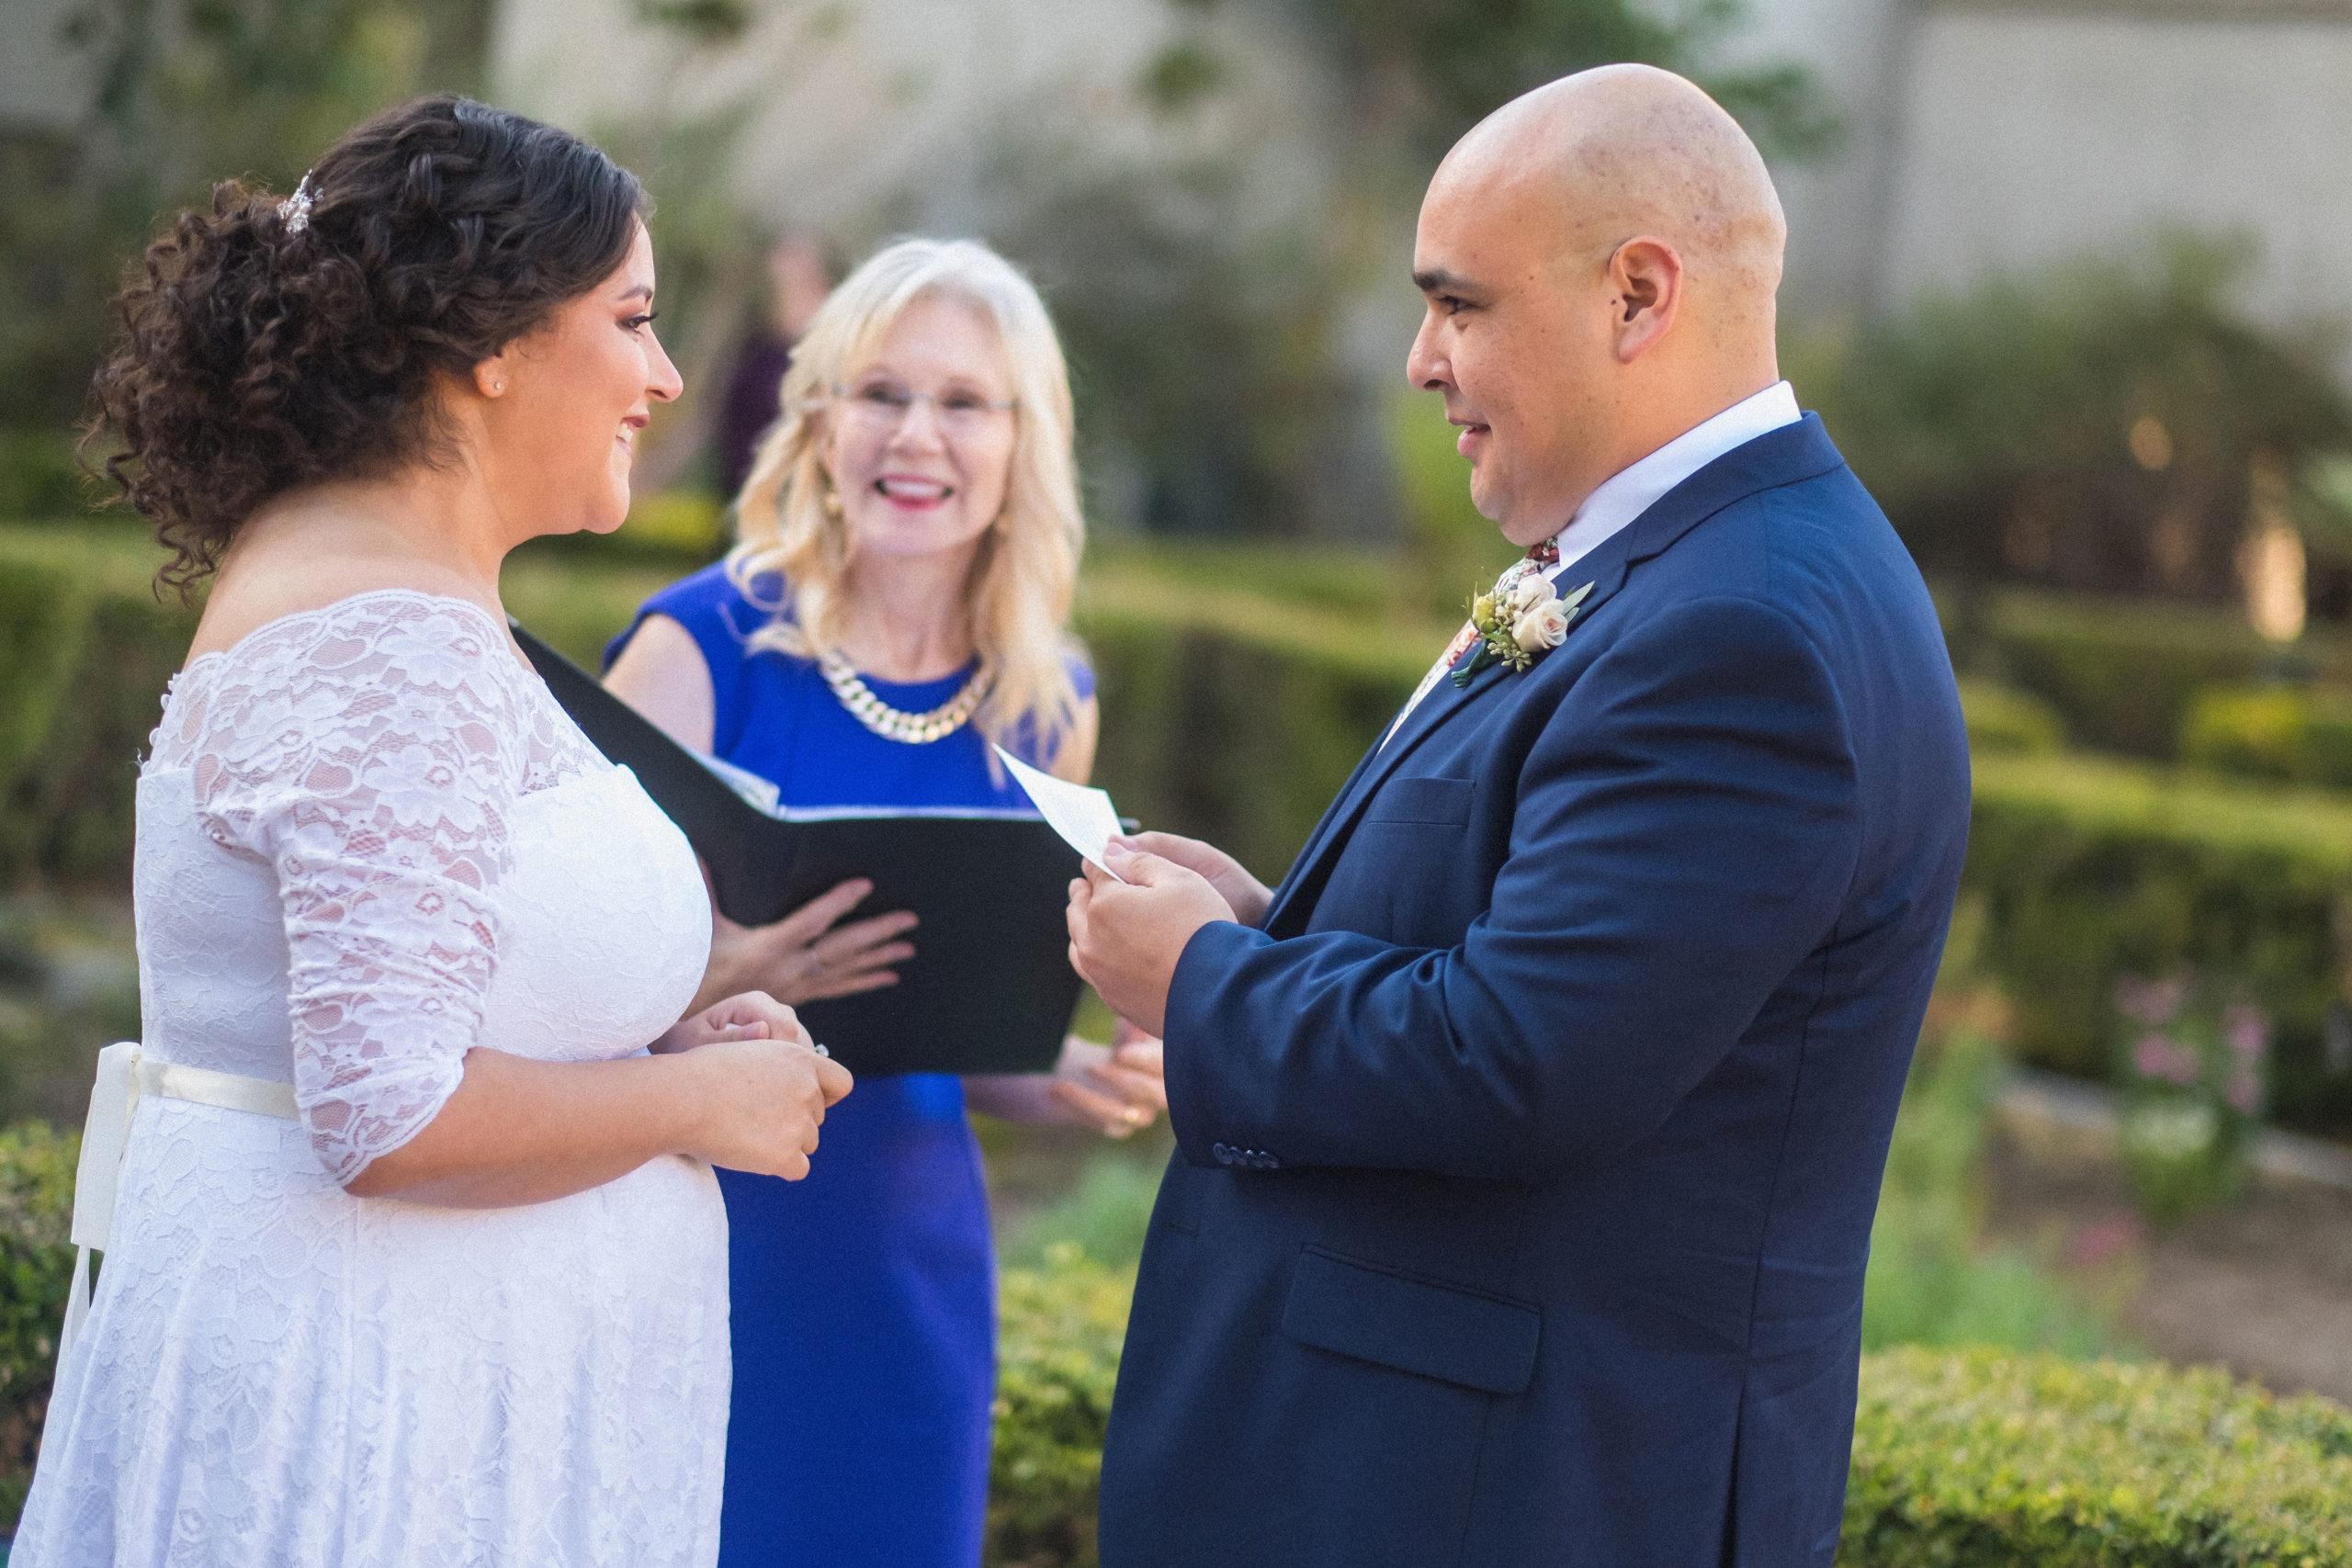 Joann Wedding Officiant San Diego